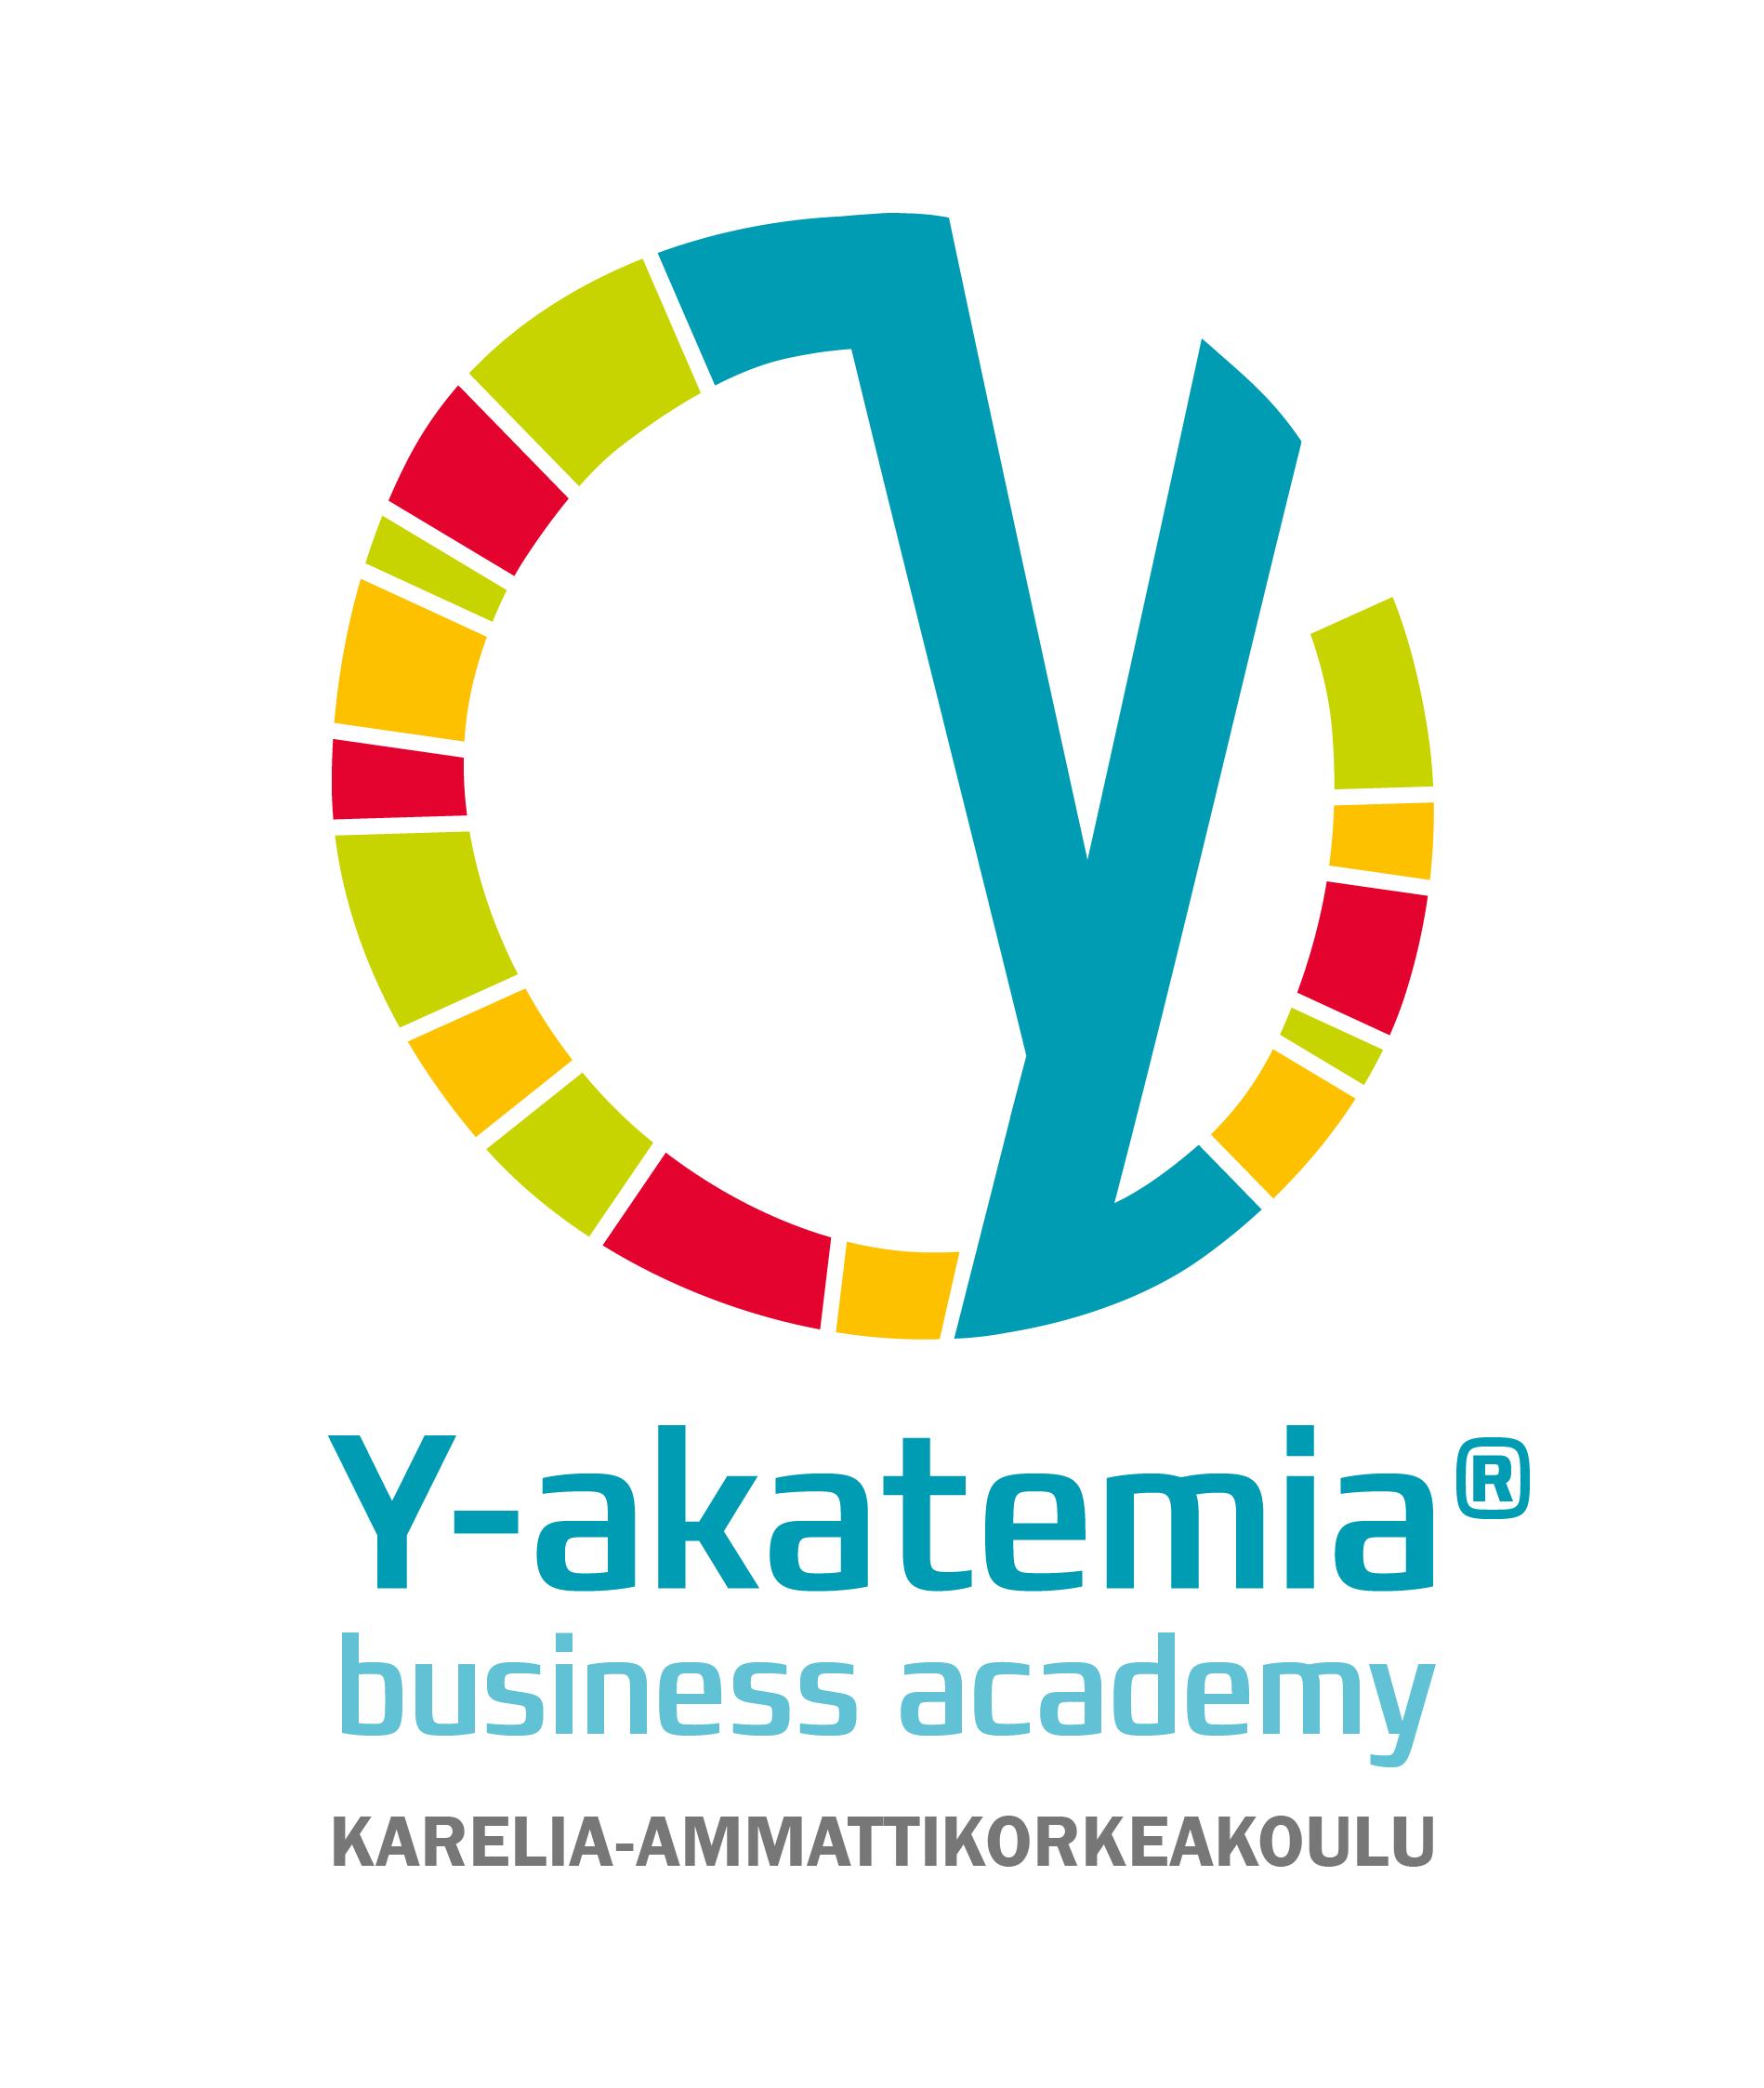 Y-akatemia